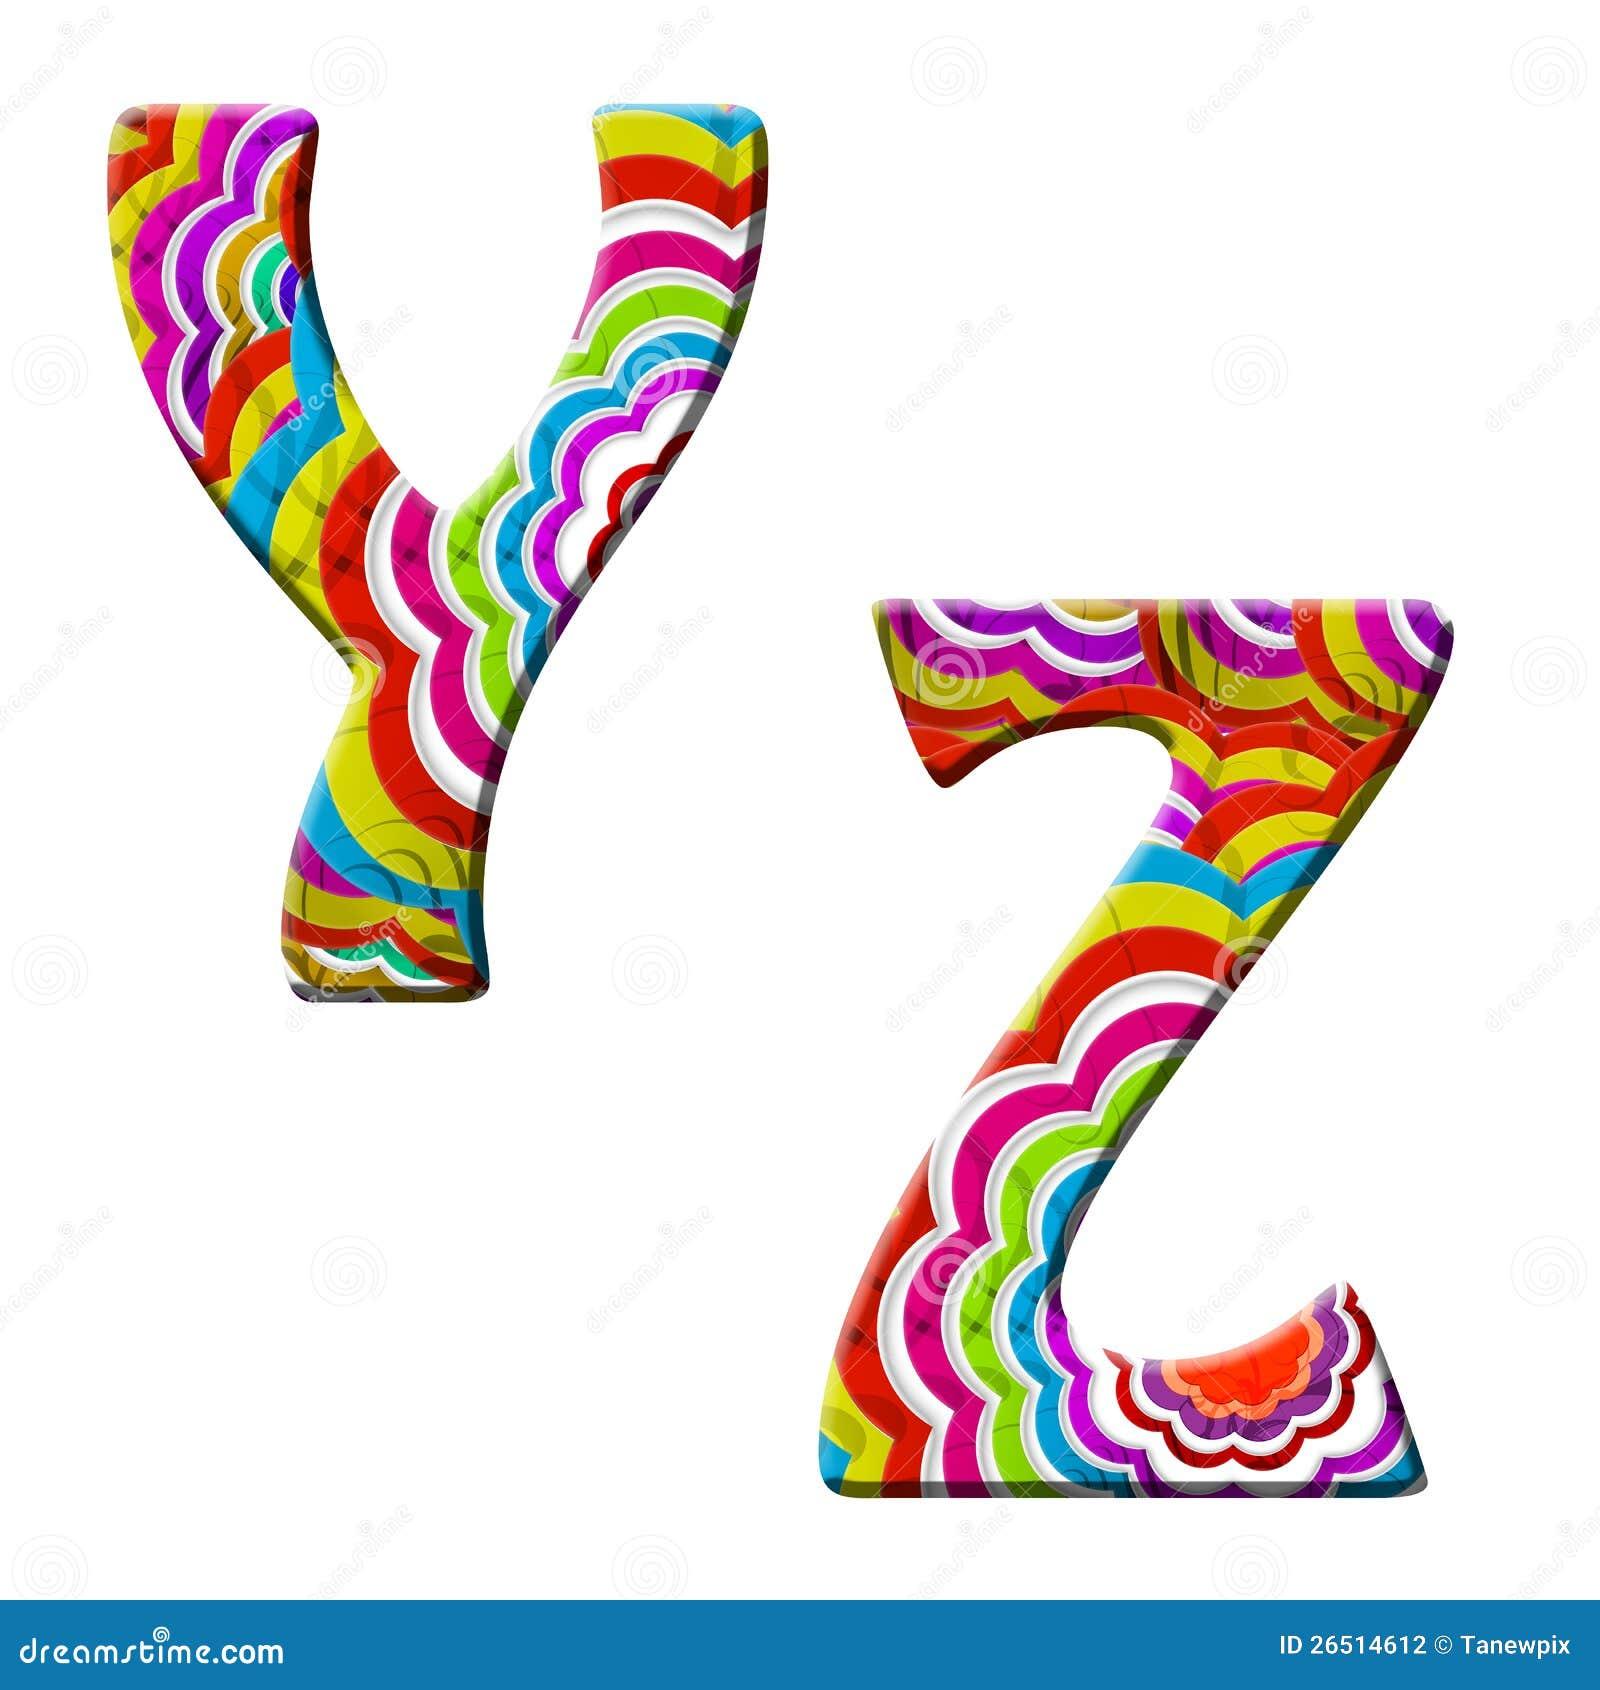 Y, Z, ilustração colorida da pia batismal da onda.